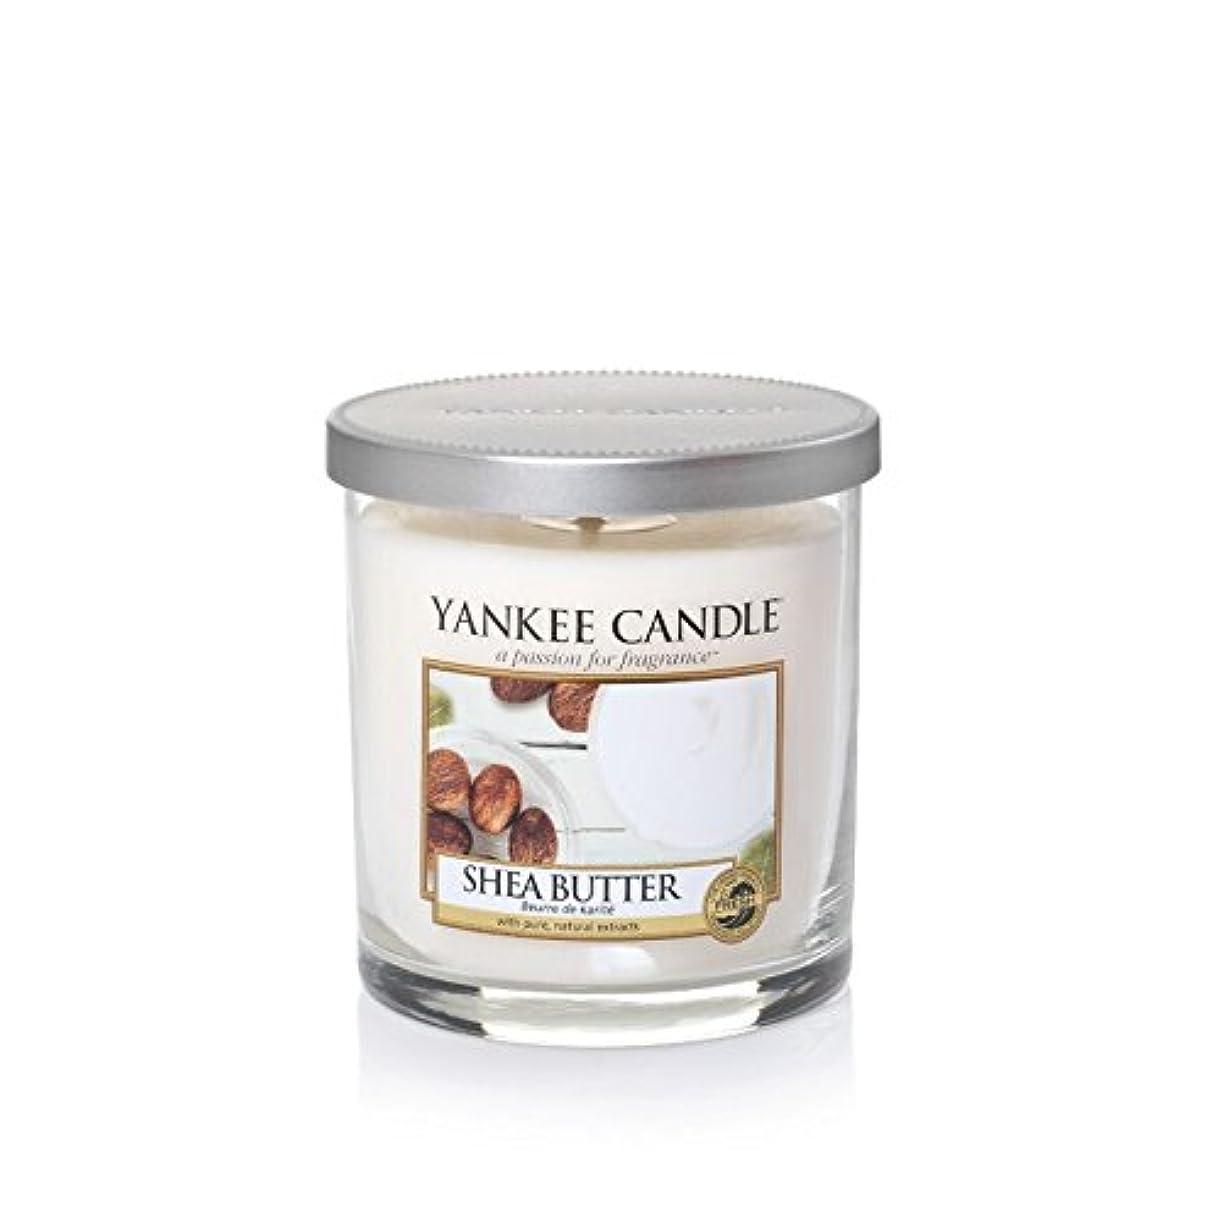 観点救急車コモランマヤンキーキャンドルの小さな柱キャンドル - シアバター - Yankee Candles Small Pillar Candle - Shea Butter (Yankee Candles) [並行輸入品]